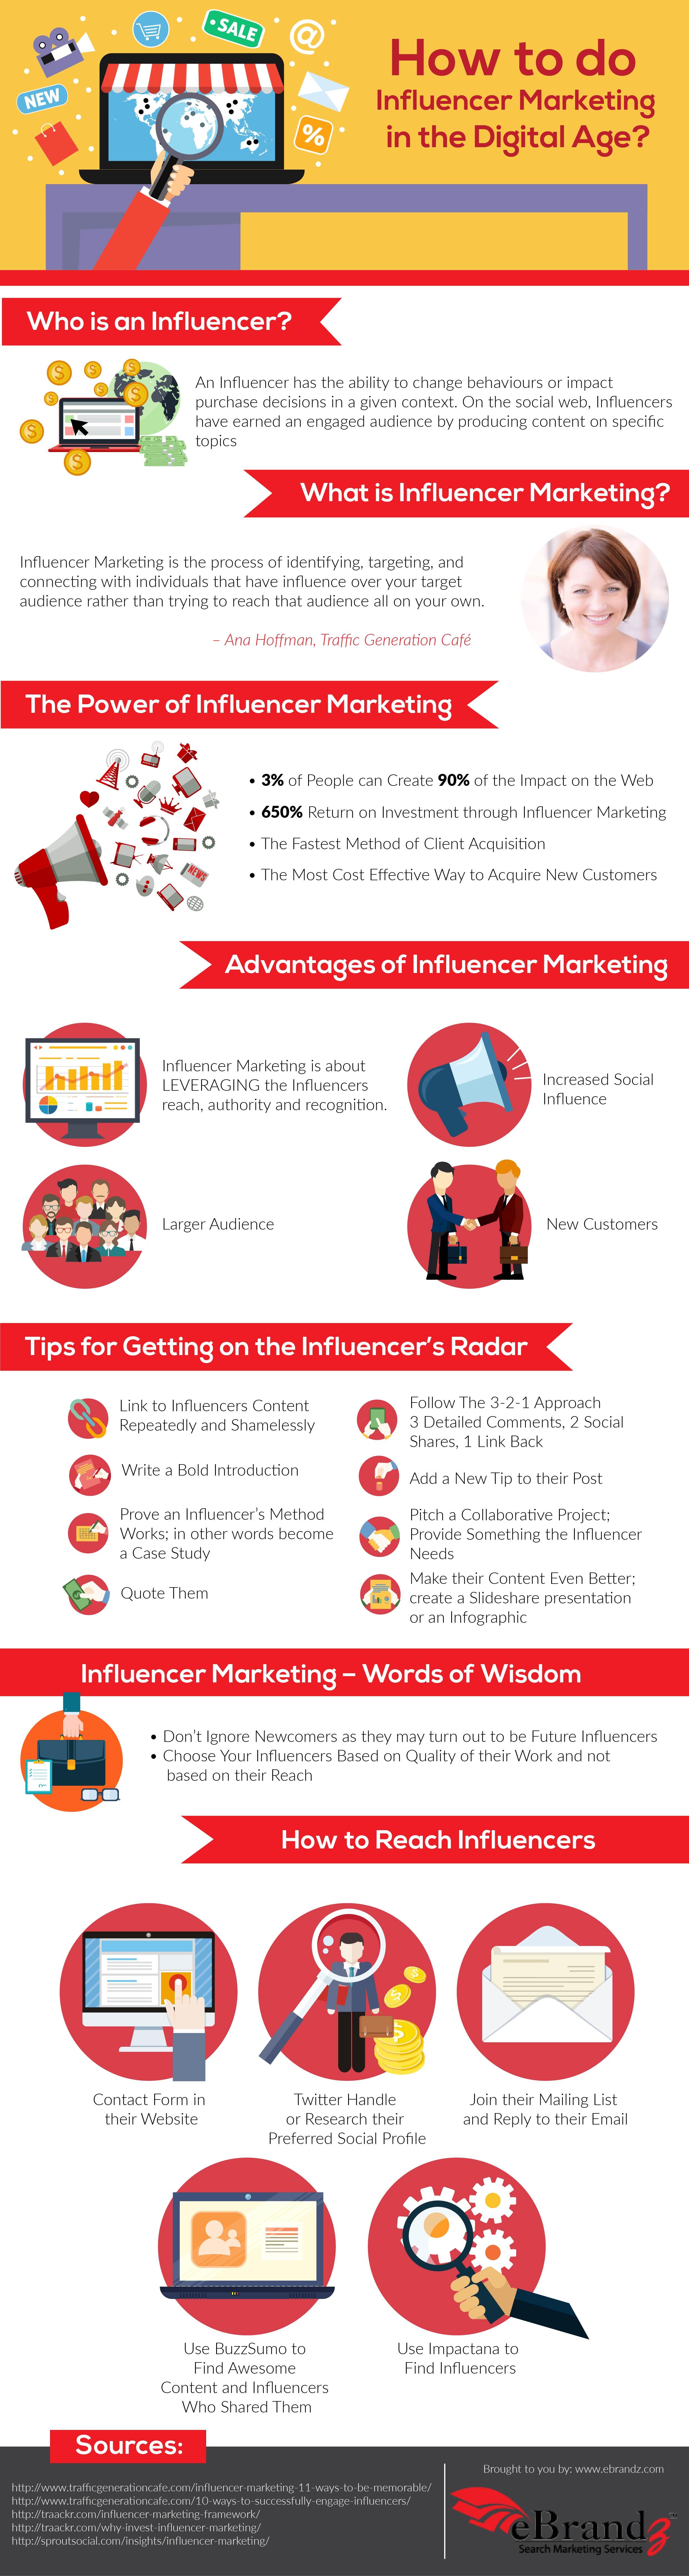 How to Do Influencer Marketing